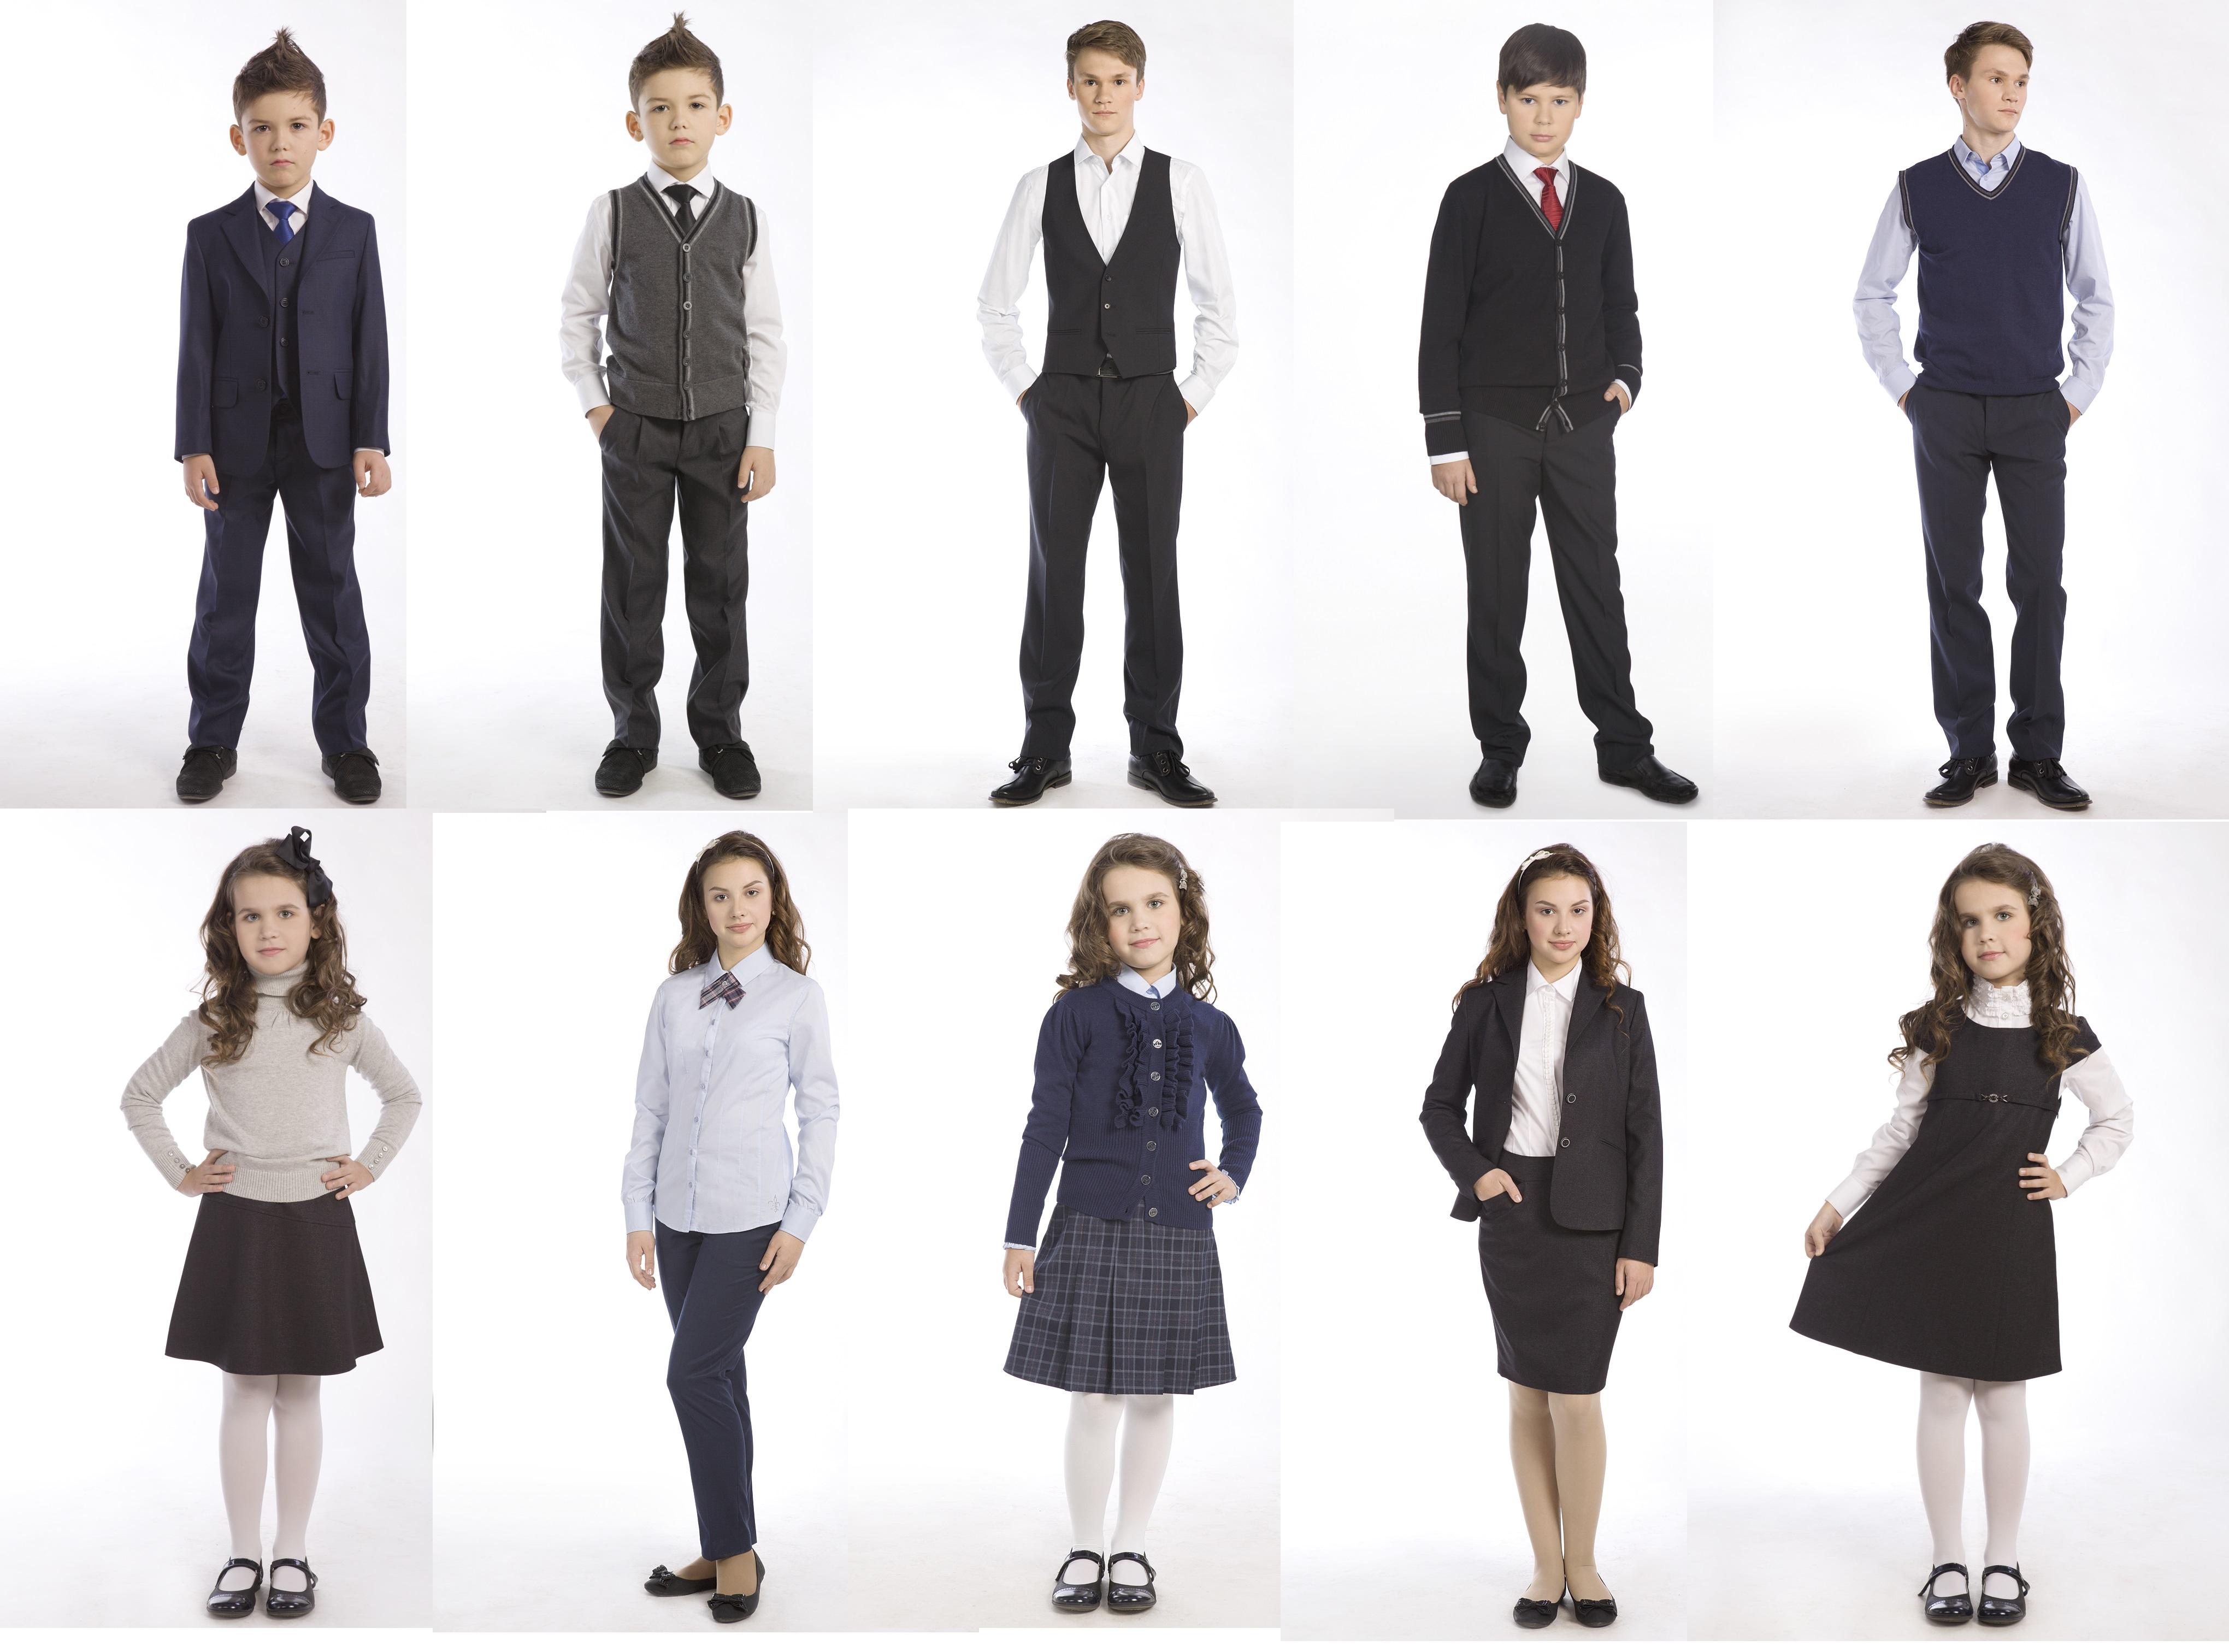 Школьная форма нового поколения! Костюмная группа и школьный трикотаж - водолазки, жилеты, кардиганы, рубашки, блузки - 20. На рост от 116 до 188. Без рядов!